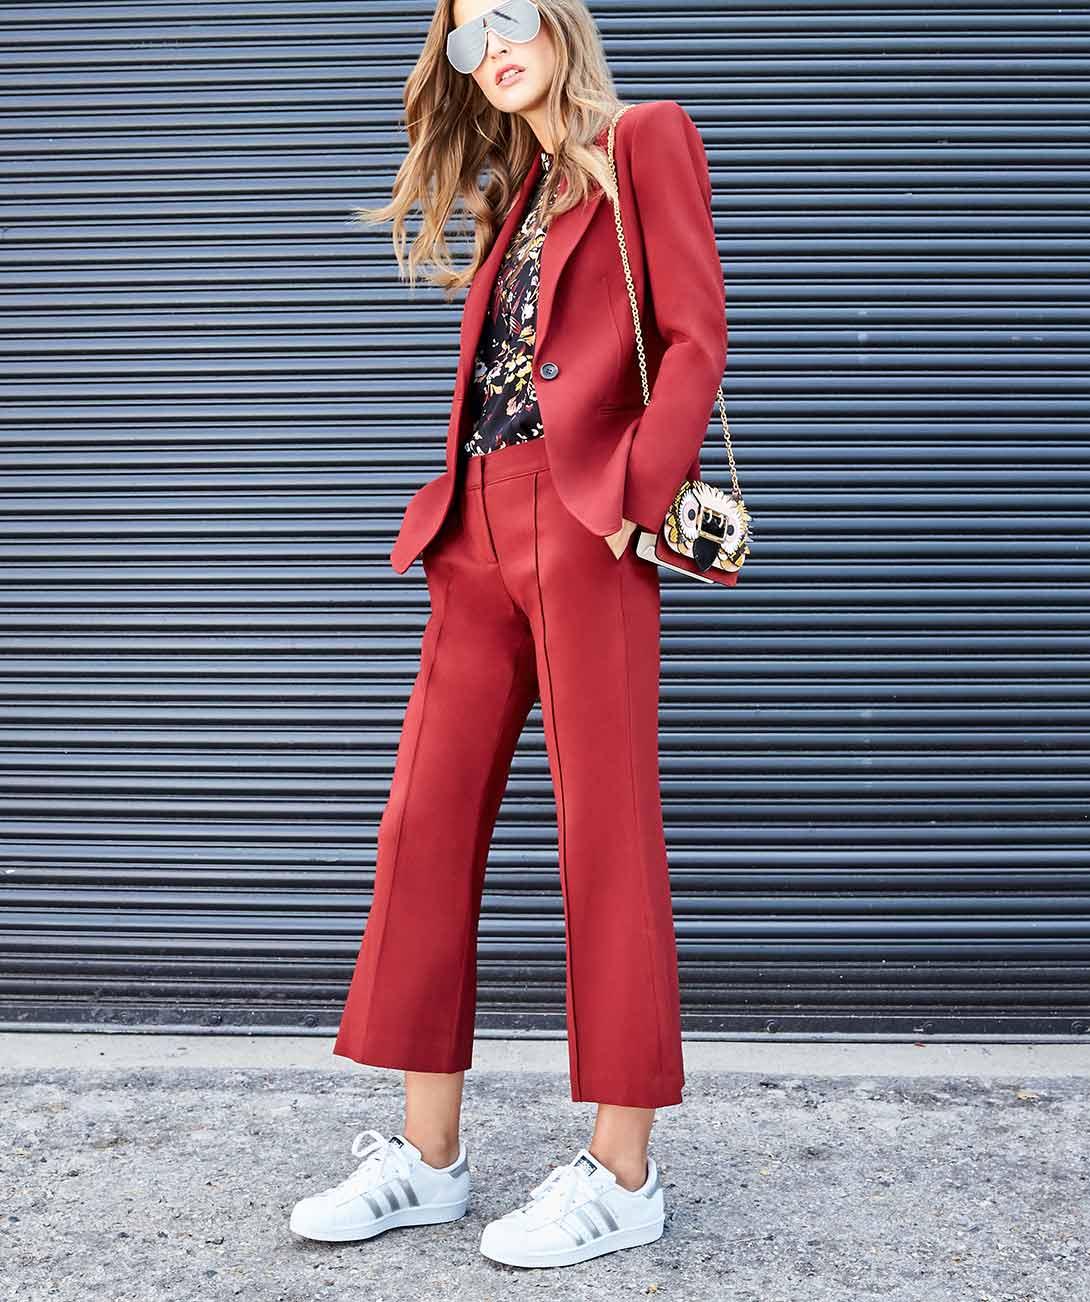 zapatillas de deporte todos vestidos (Neiman Marcus)